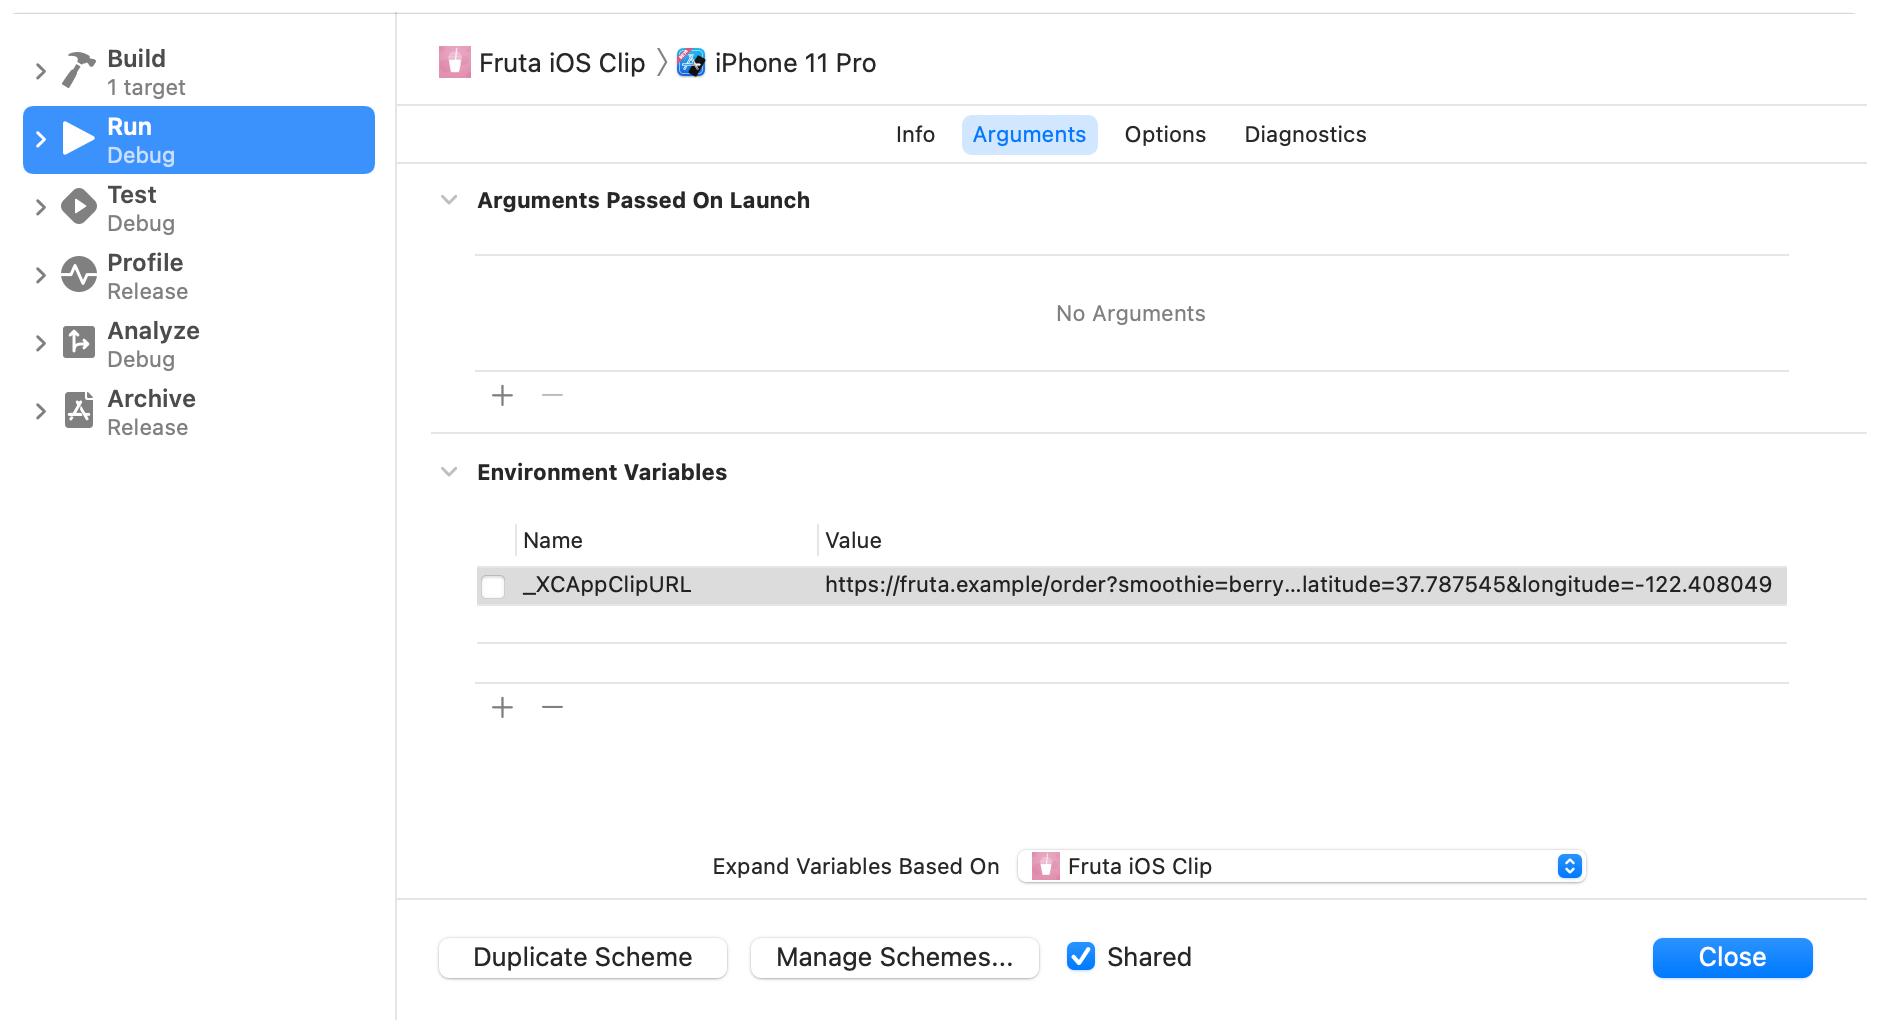 AppClipターゲットの実行アクションを構成するためのシートを示すスクリーンショット。 _XCAppClipURL環境変数の値は設定されていますが、有効になっていません。